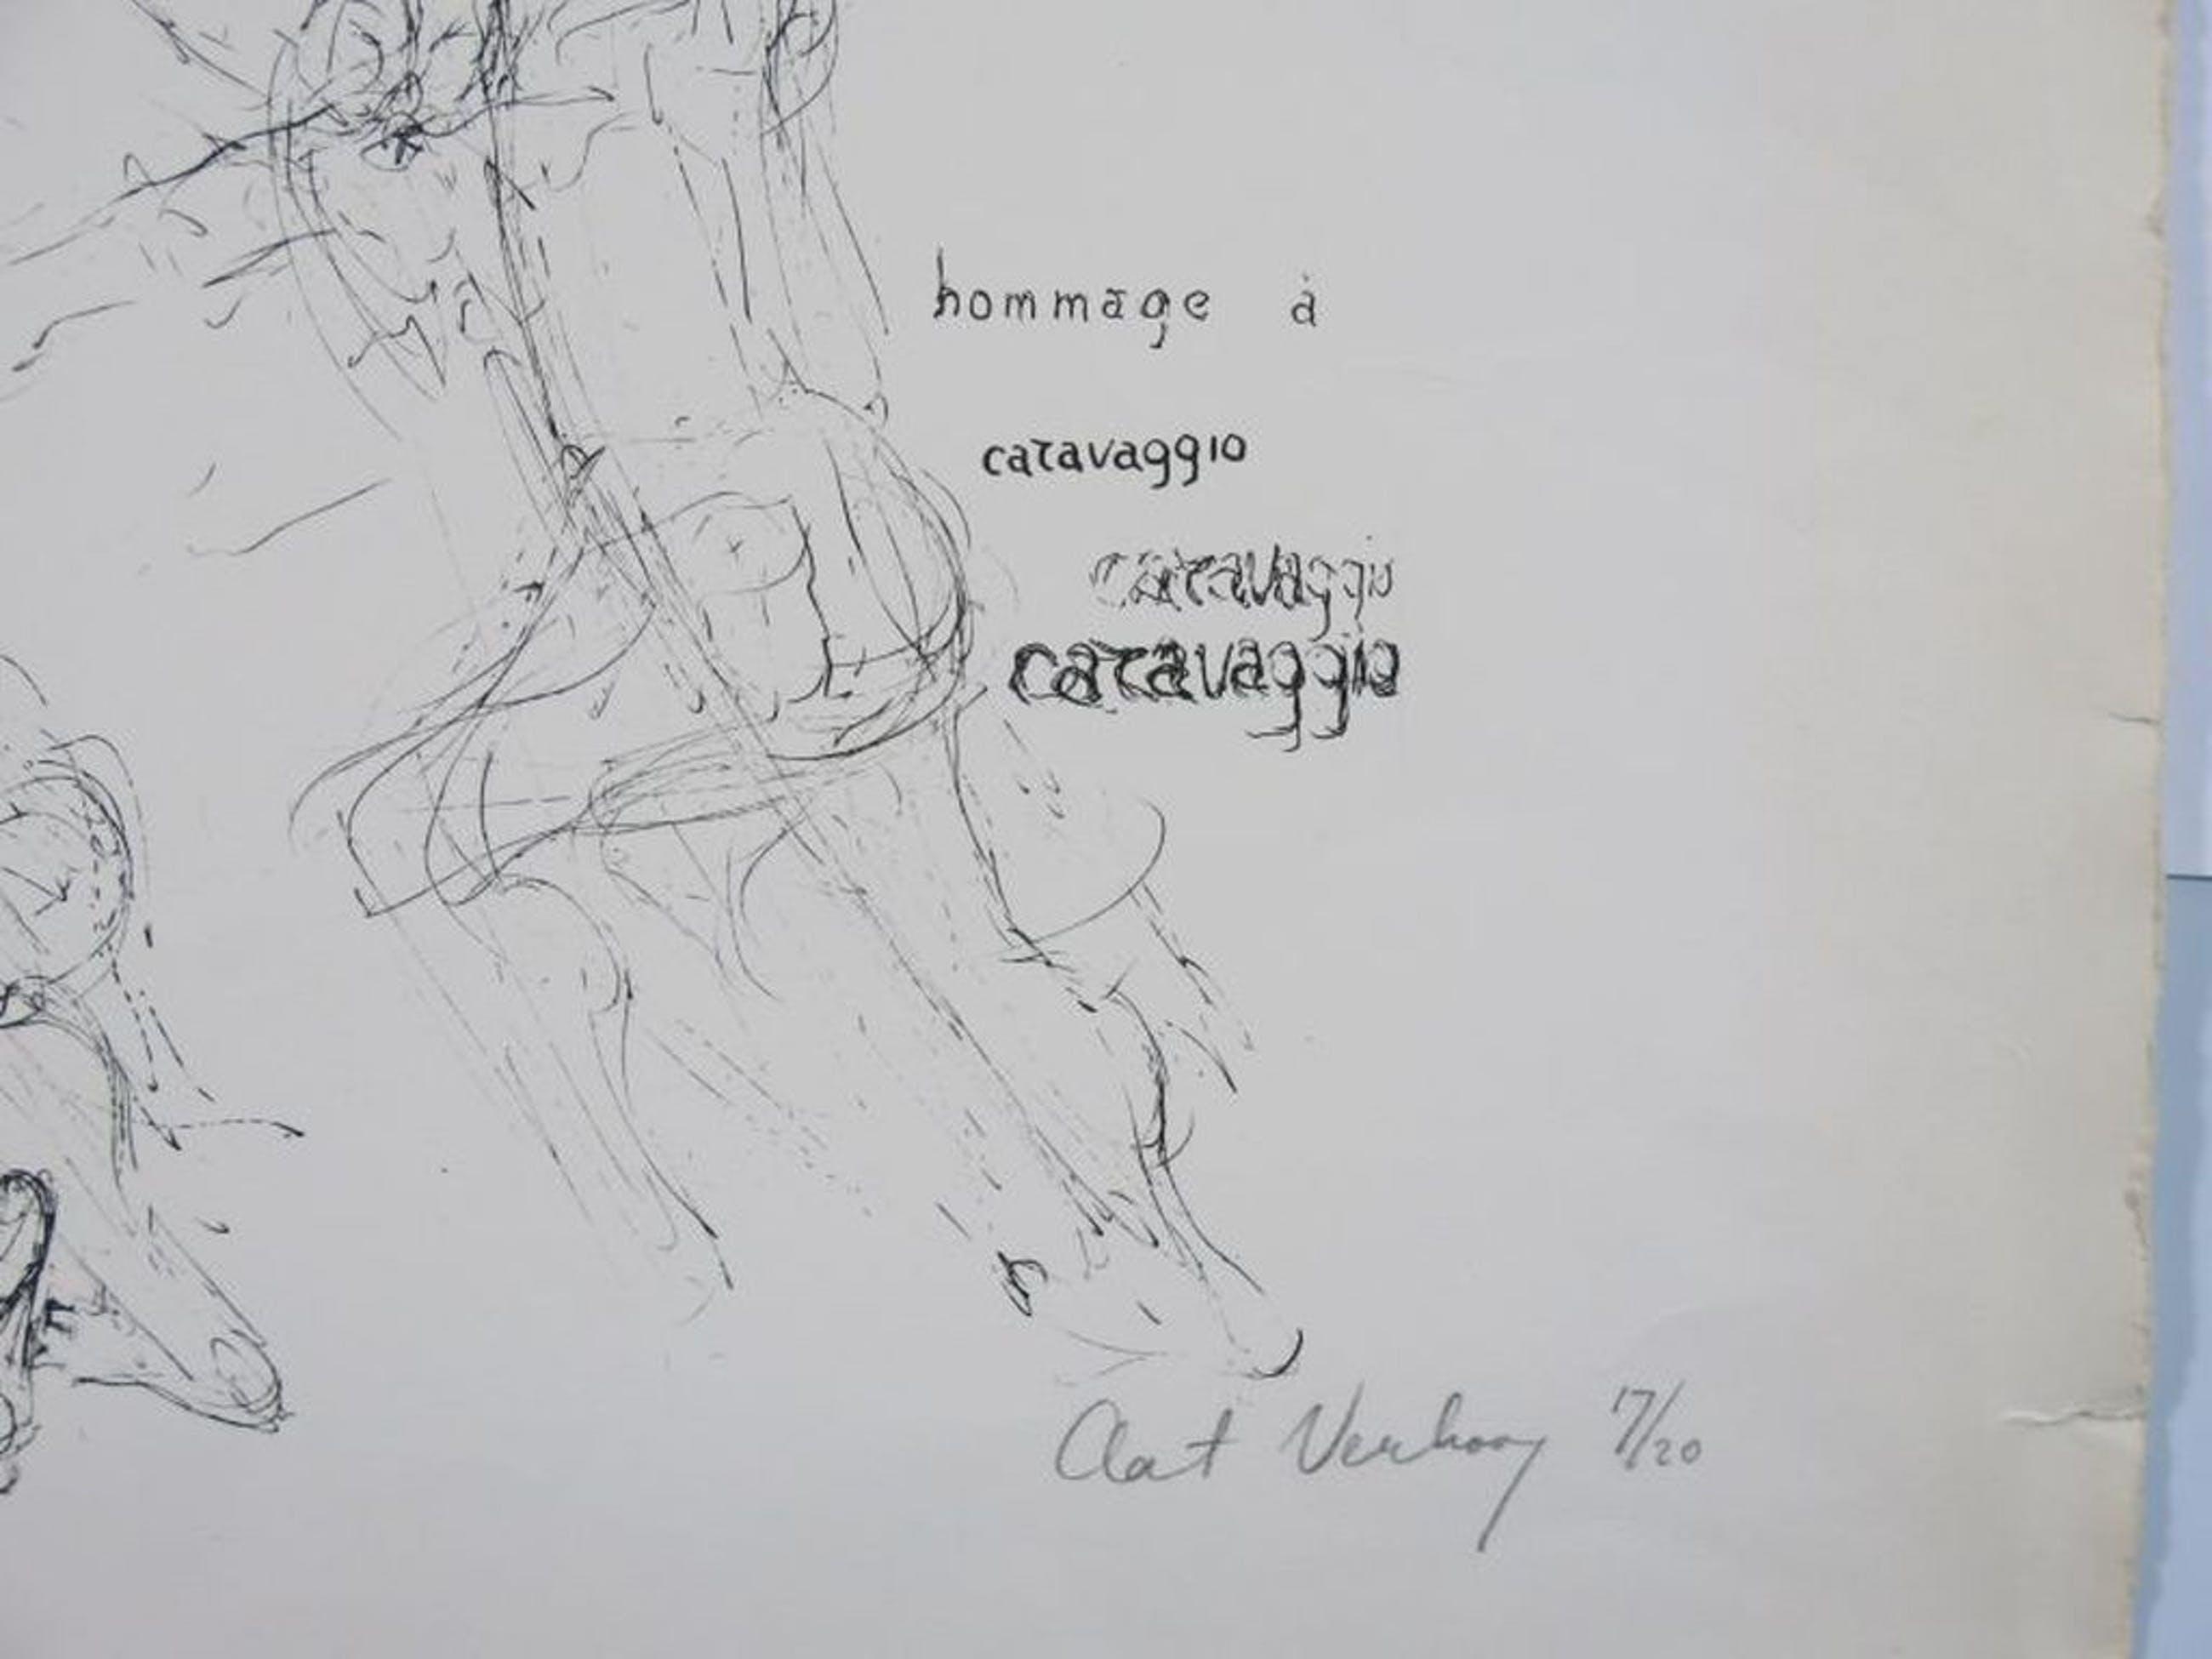 Aat Verhoog: Litho, Hommage à Caravaggio kopen? Bied vanaf 50!